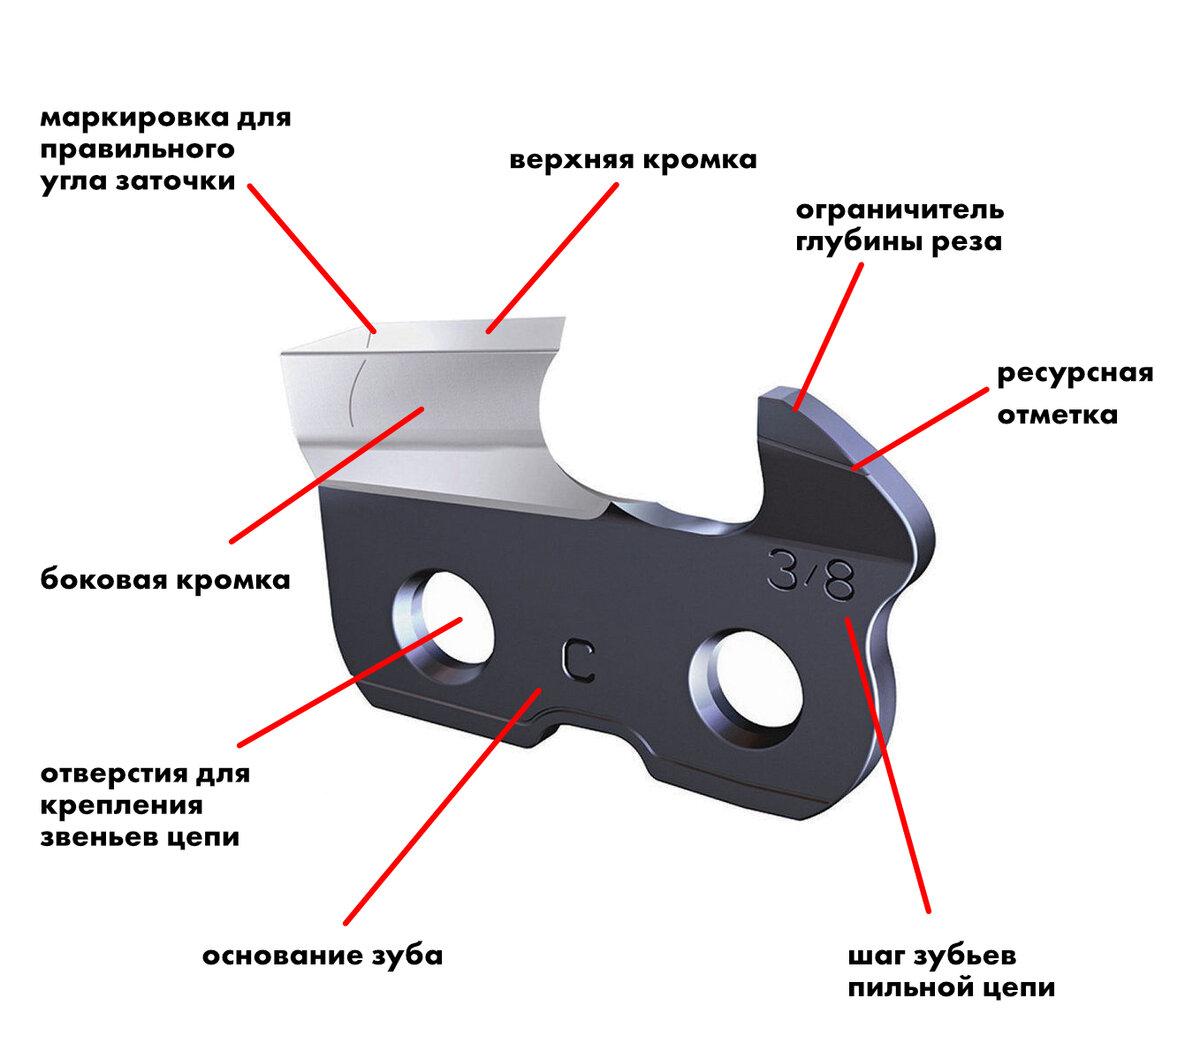 Заточка цепи бензопилы своими руками - пошаговая инструкция, с фото, рекомендациями, и секретами от мастера